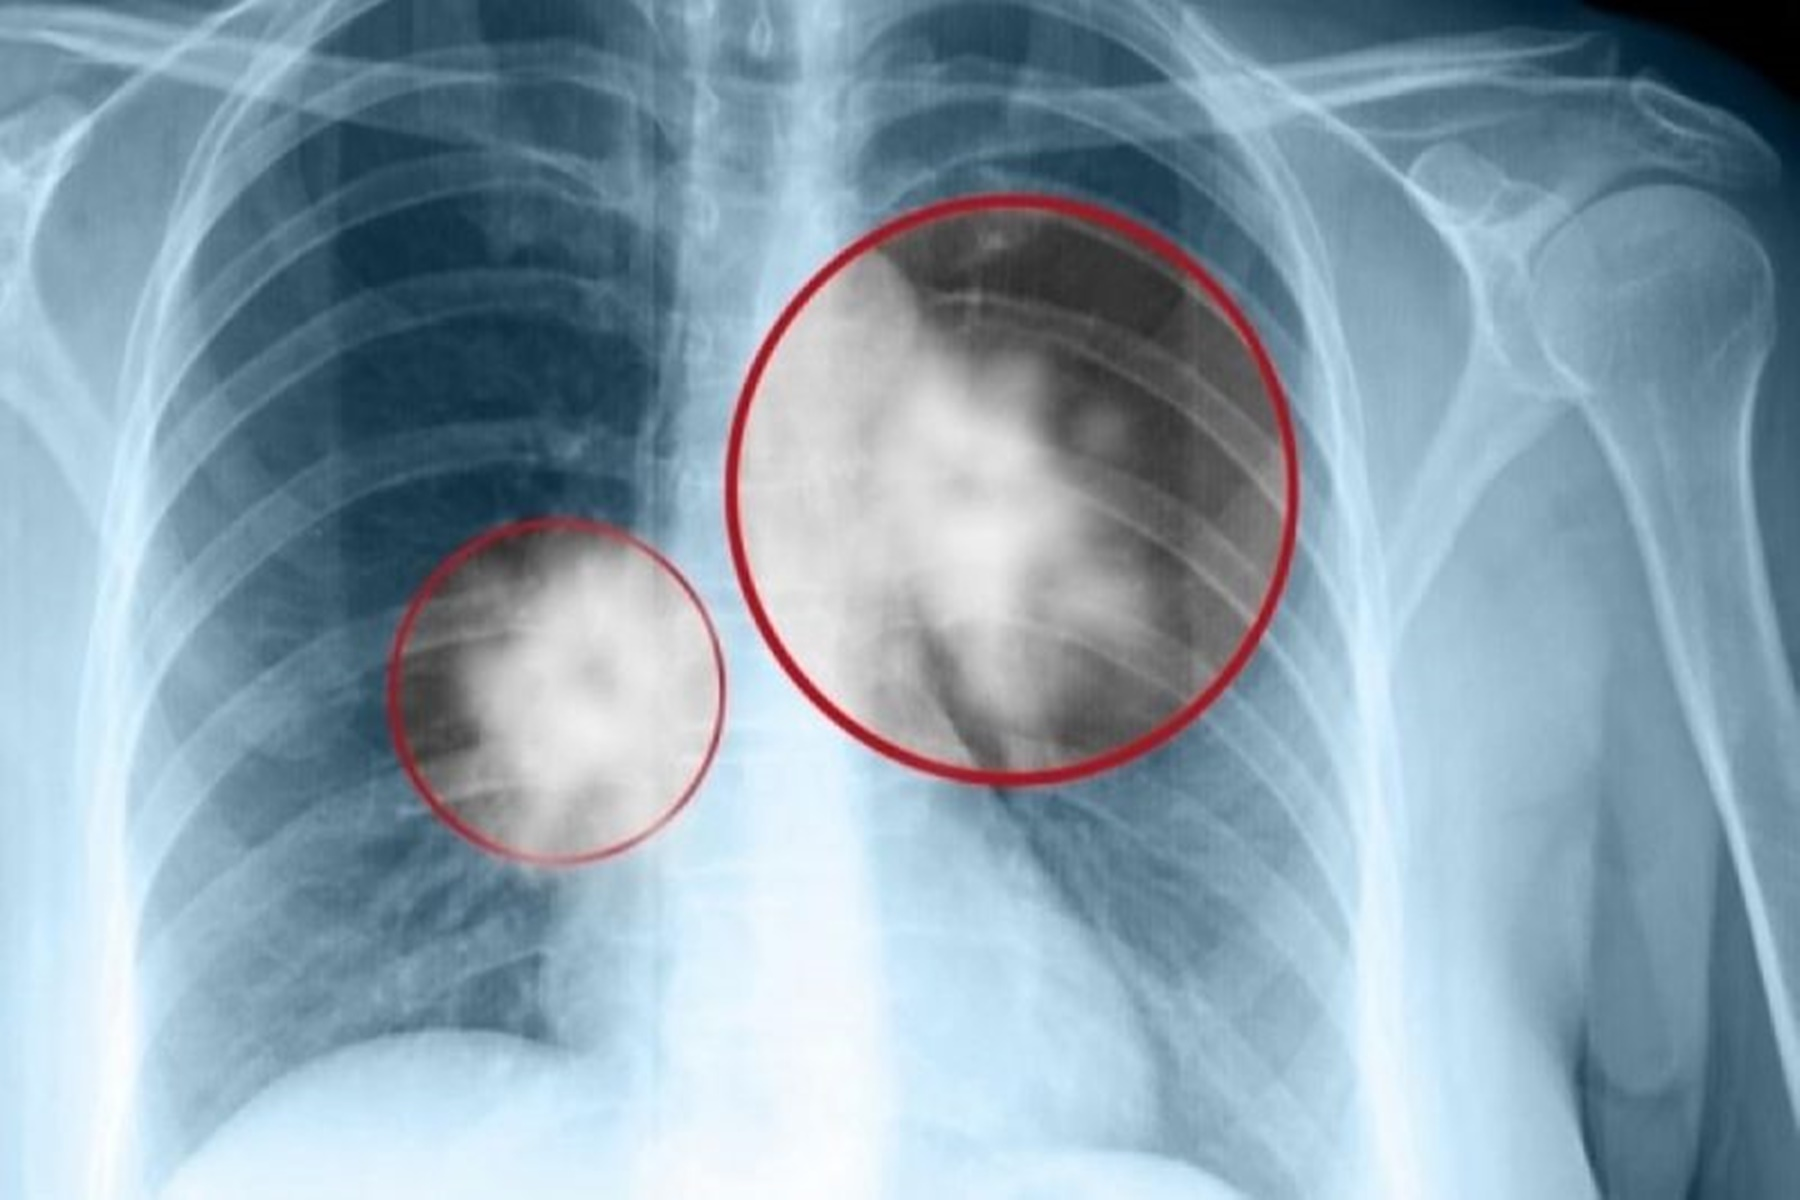 Μικρός Καρκίνος του πνεύμονα : Έτσι διαμορφώνεται το προσδόκιμο ζωής των ασθενών